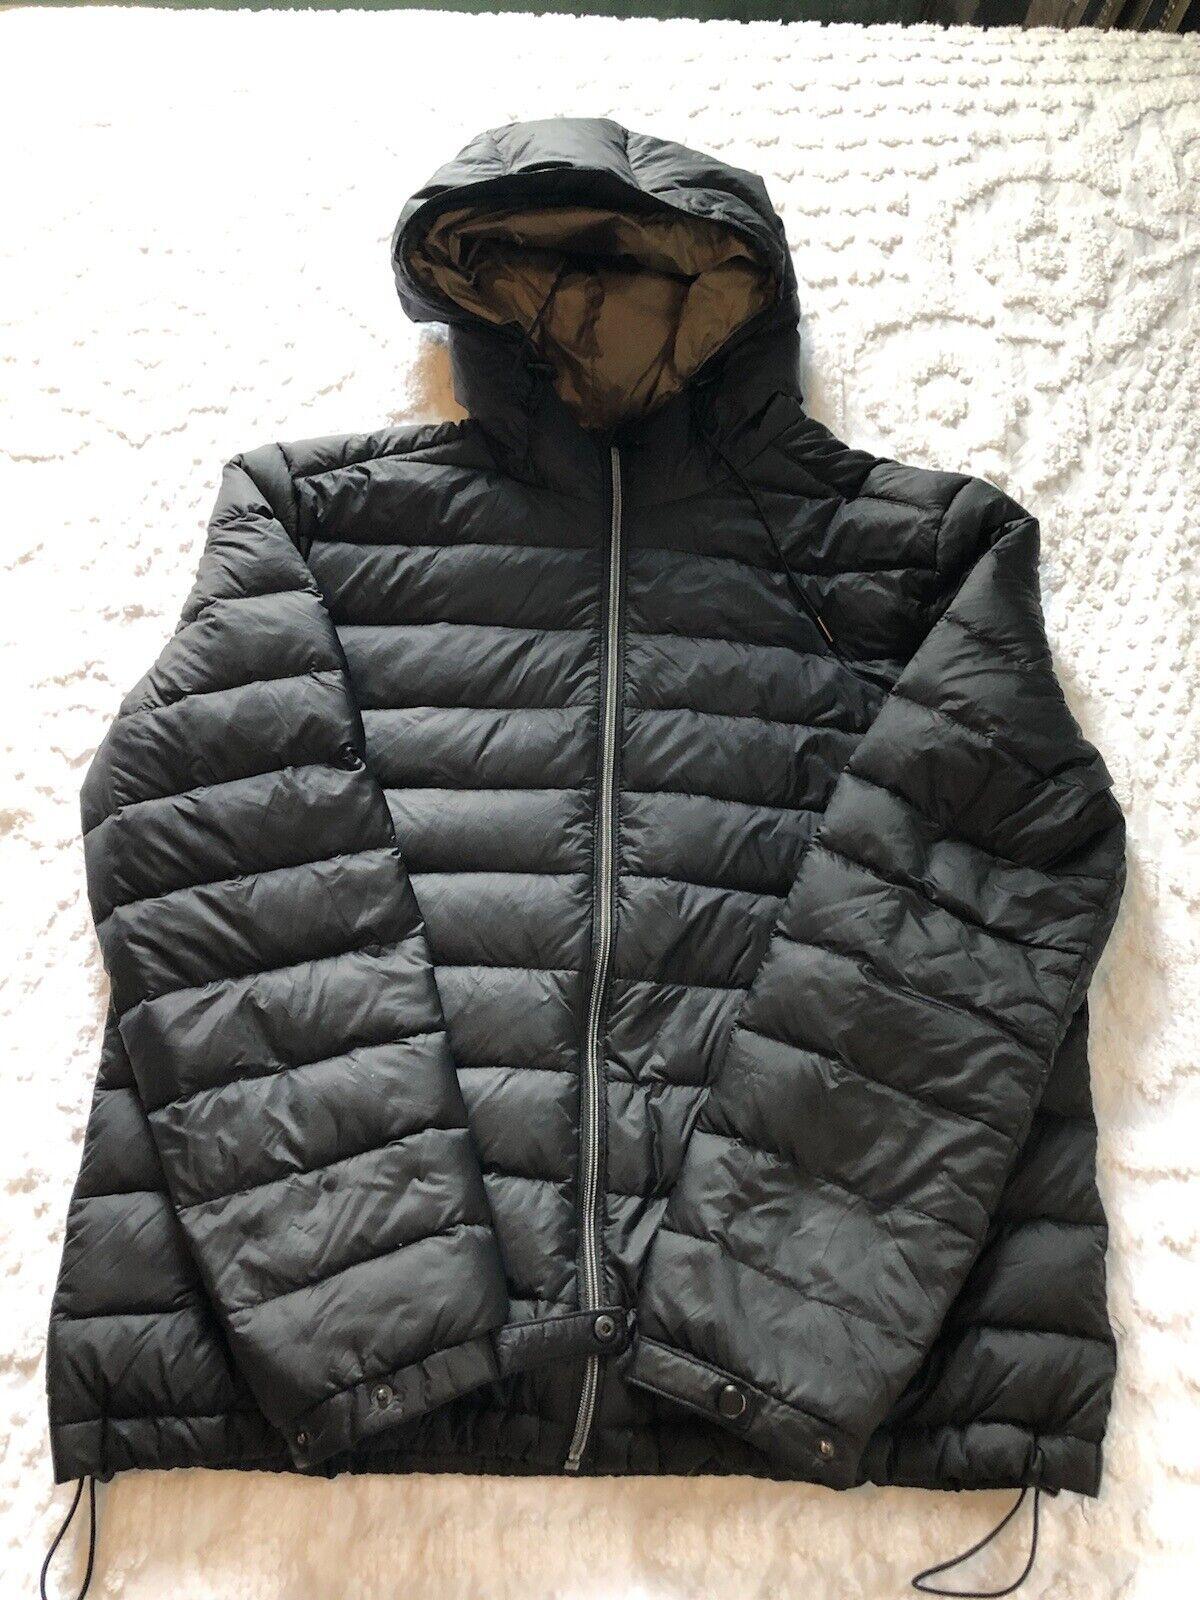 Zara Women's black down hooded puffer jacket size XL